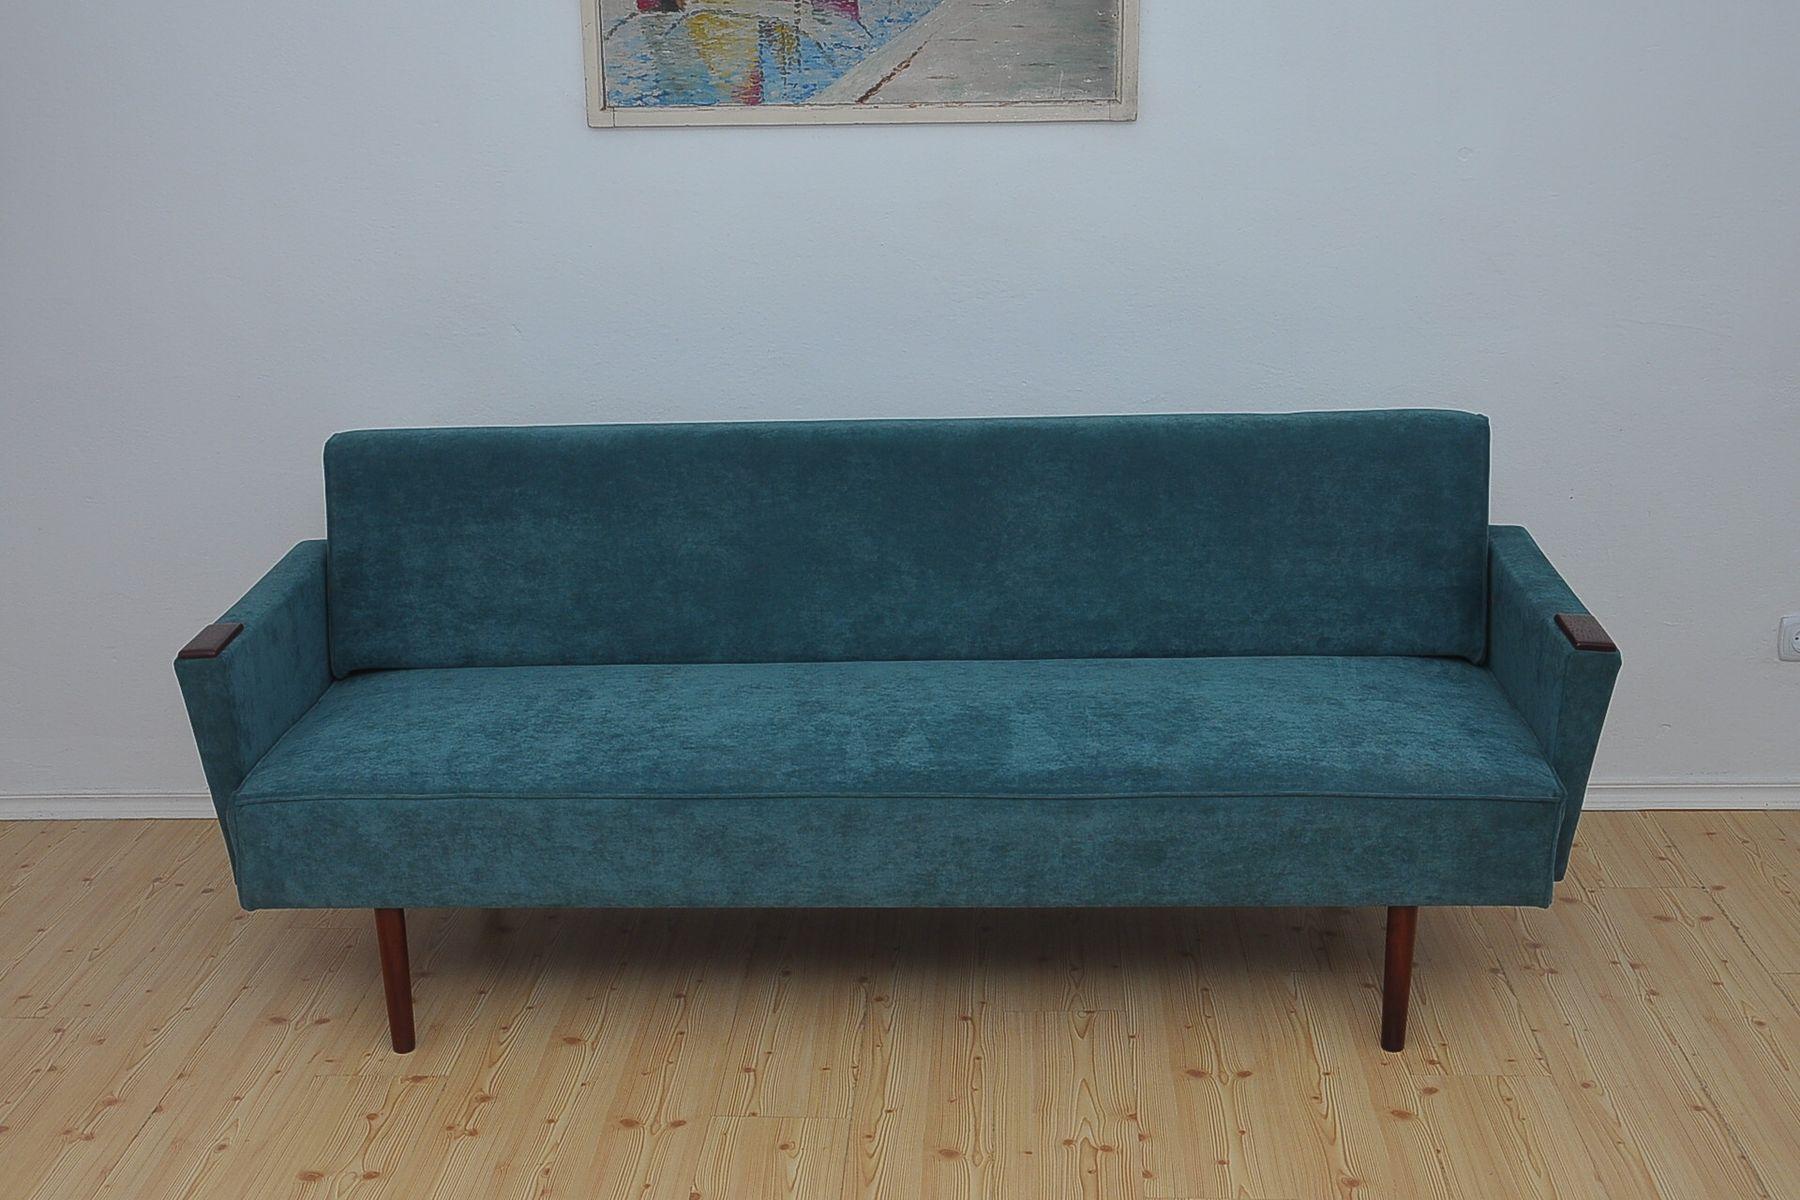 Dänisches Sofa oder Tagesbett, 1960er